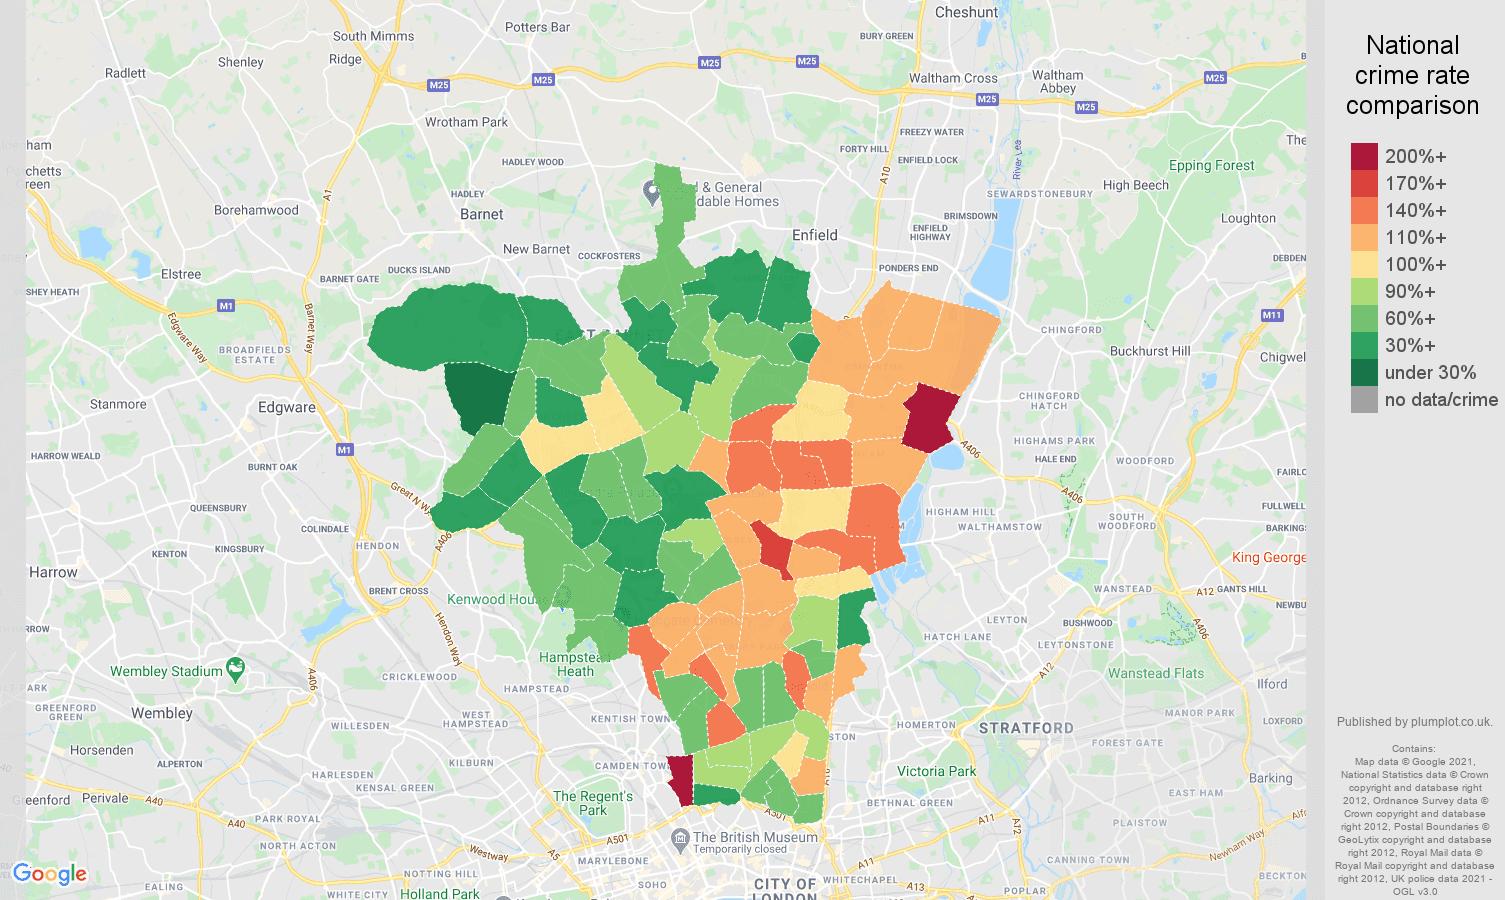 North London violent crime rate comparison map